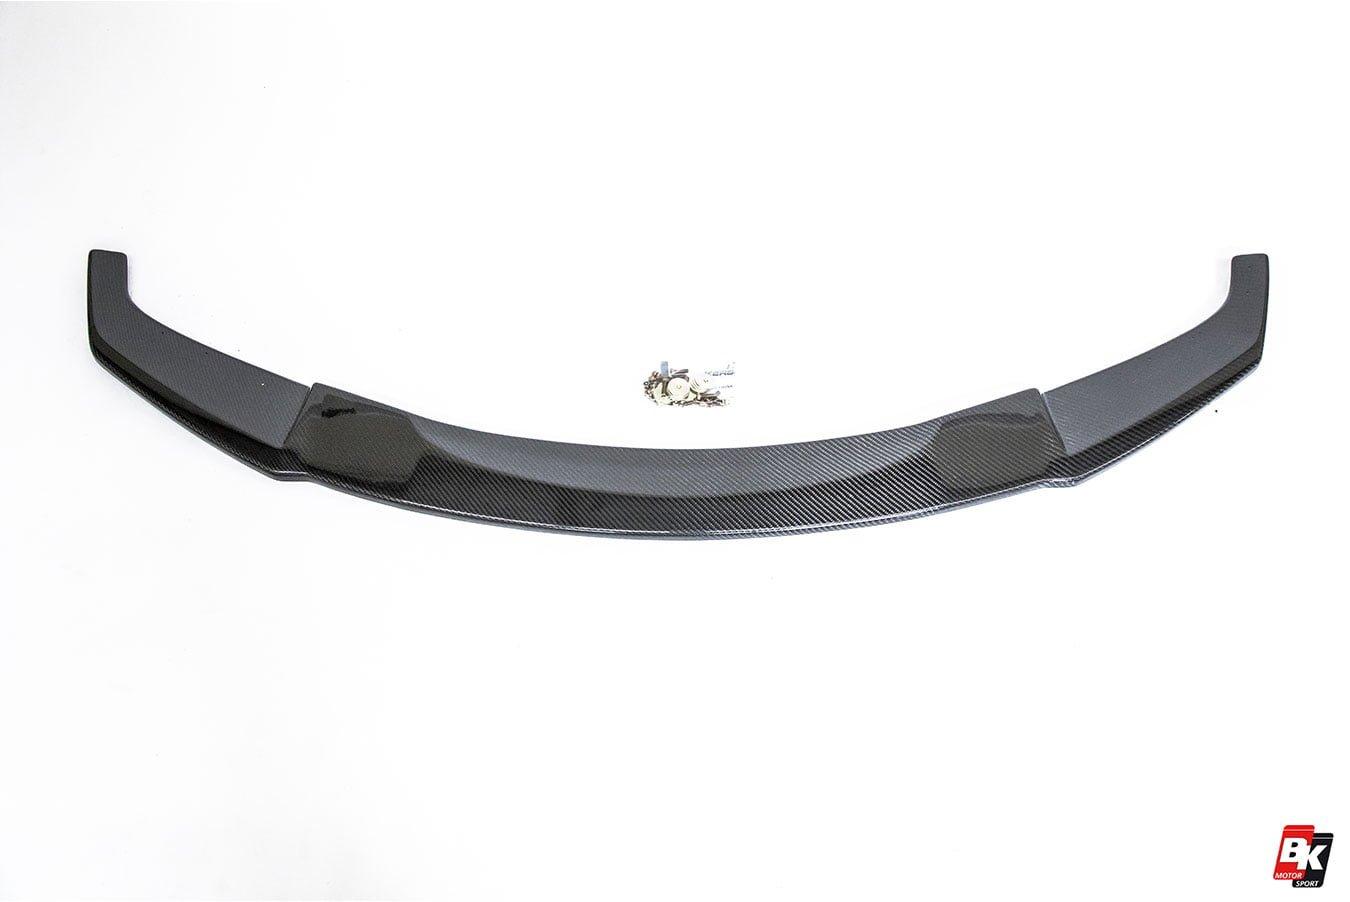 3-Series Front Spoiler Splitter for M-Technik-Bumper